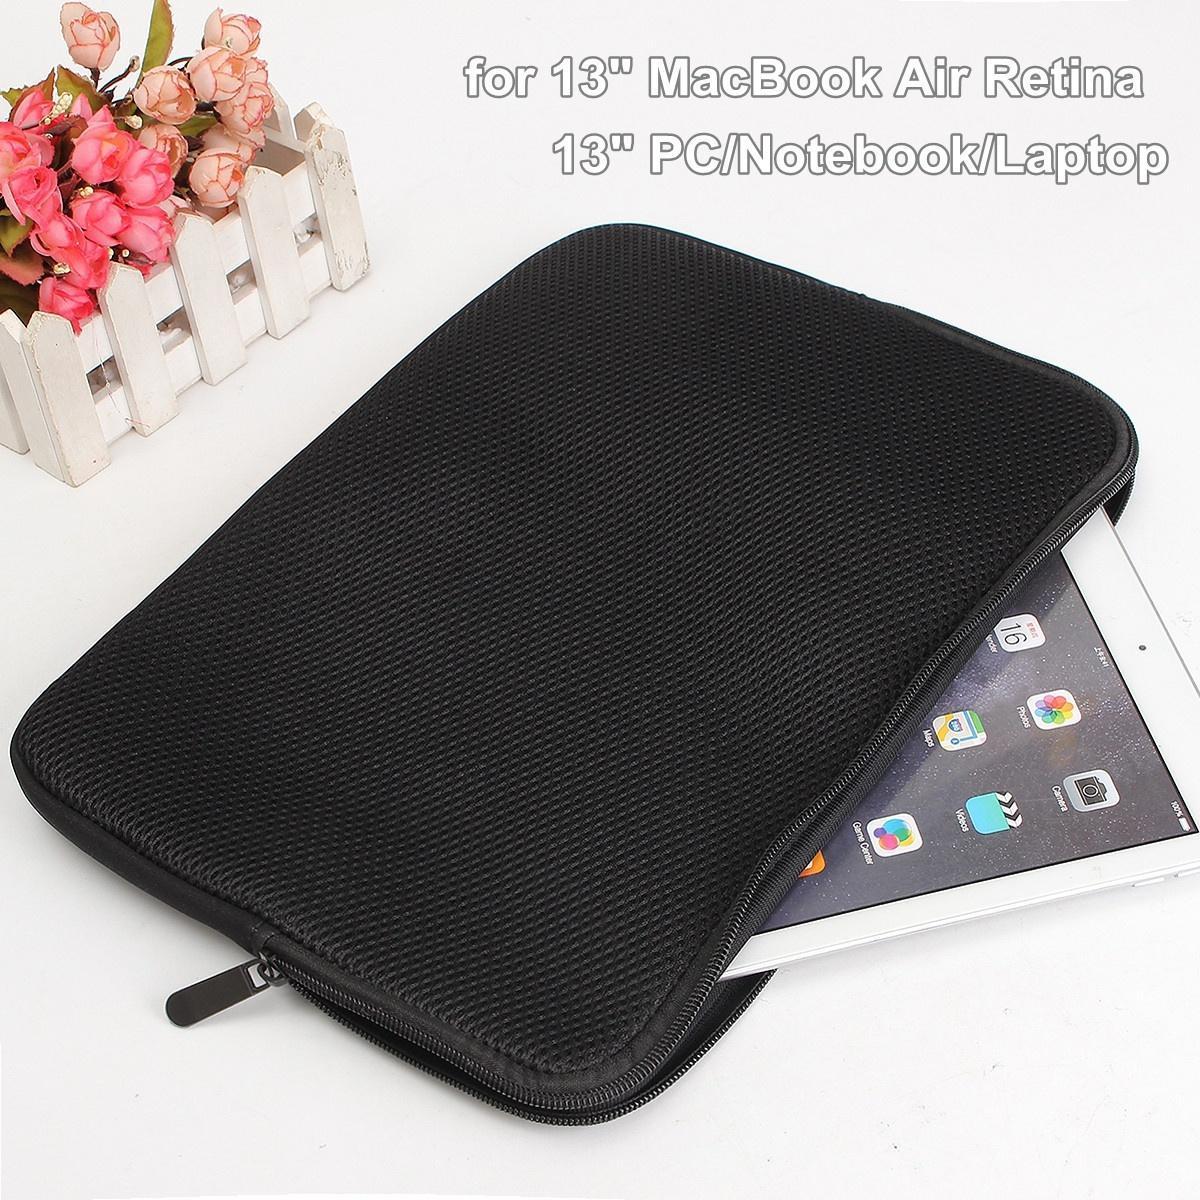 Защиты молнии рукав 13 ноутбук ноутбук сумка чехол для 13 MacBook Air Pro Retina(33x24x1.5cm) накладка daav для macbook air 13 retina оранжевый